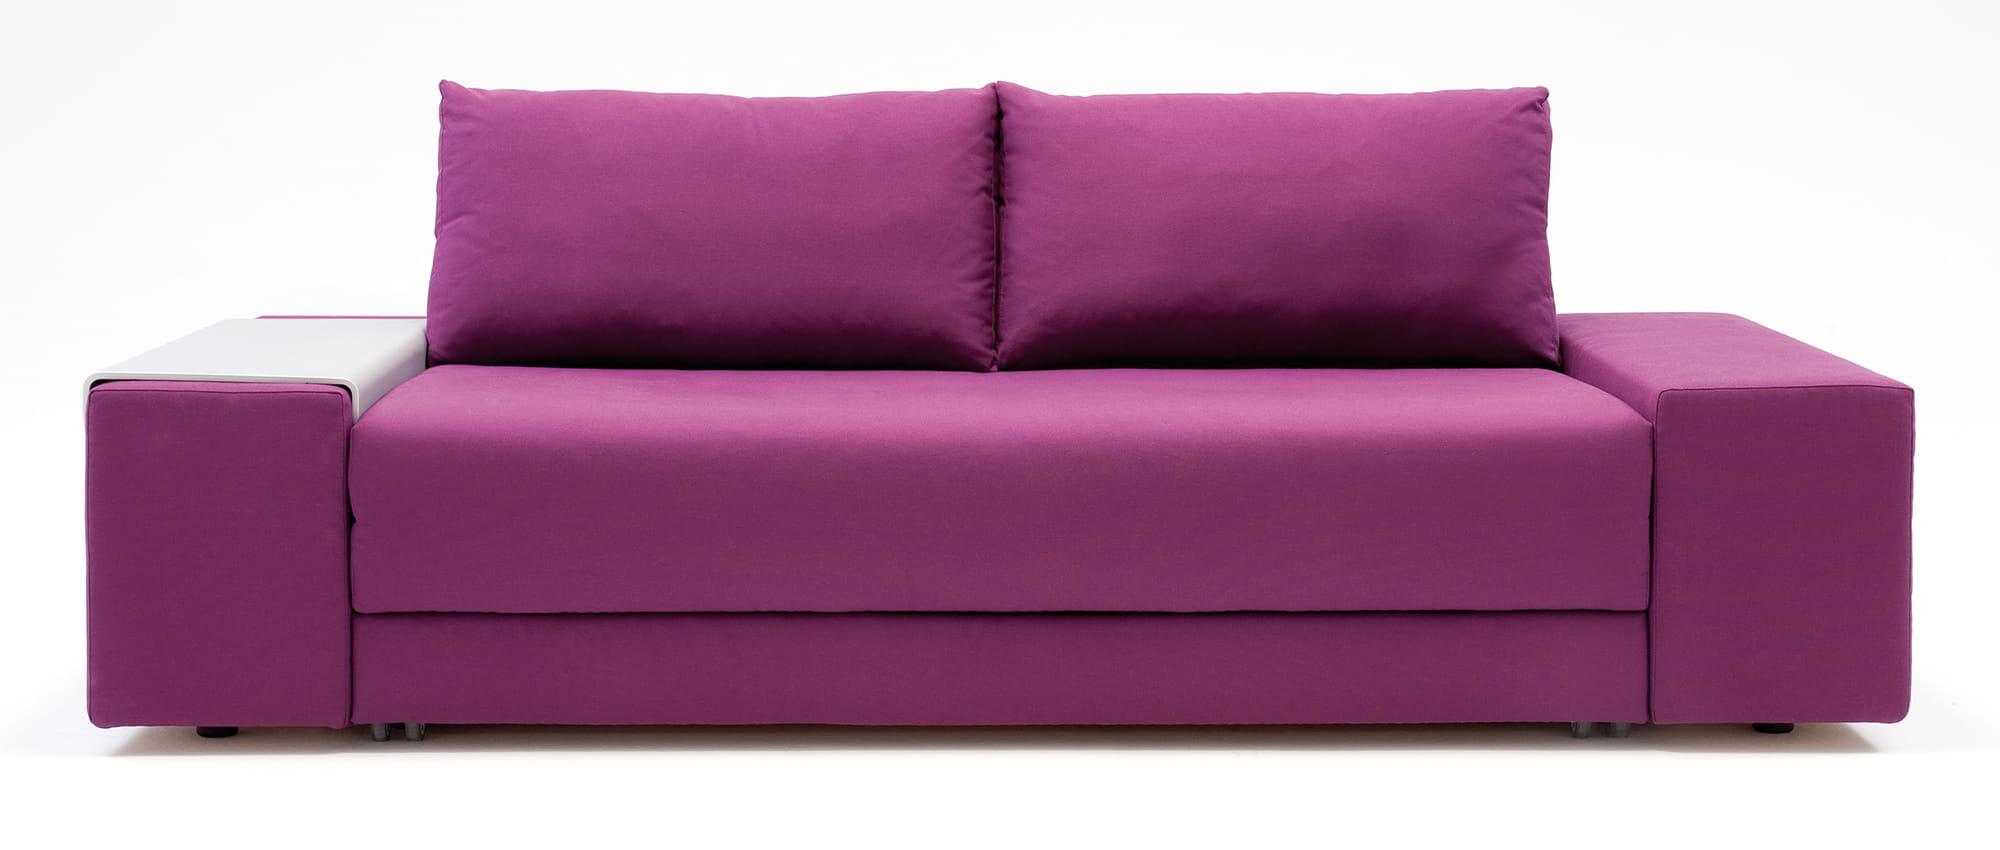 CONFETTO Schlafsofa von Franz Fertig mit Tablett. Liegefläche in ca. 130x230 cm und ca. 150x230 cm erhältlich. Gästebett für 2 Personen.